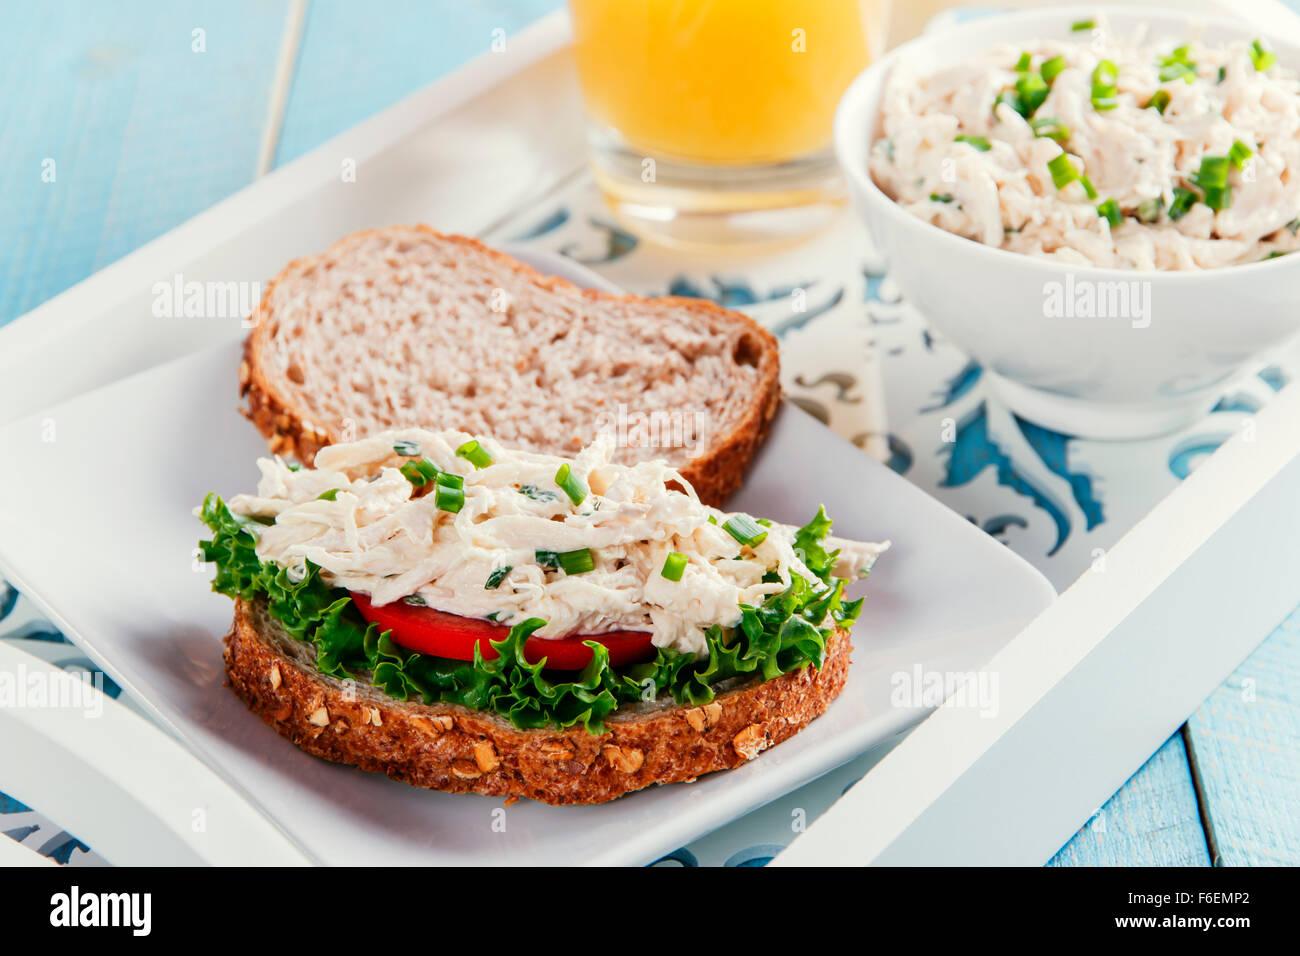 Salade de poulet tomate sandwich Photo Stock